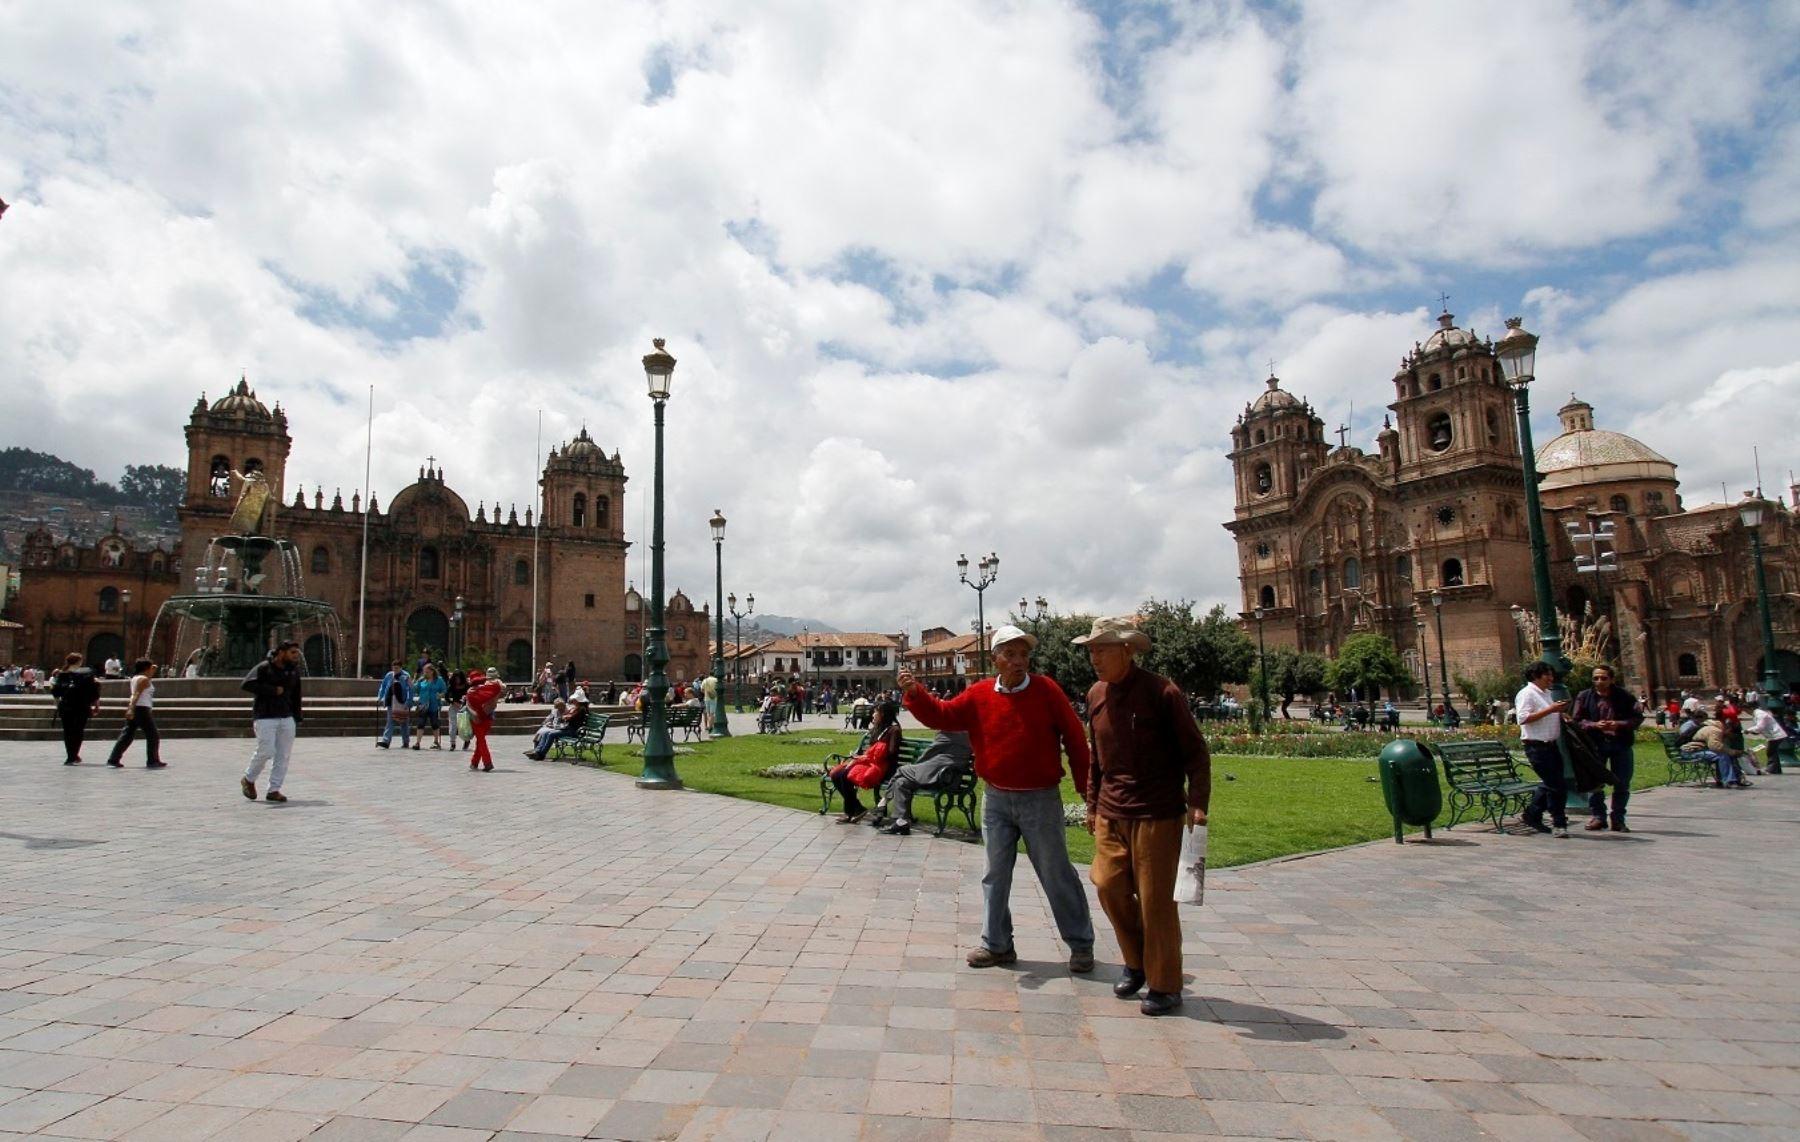 El Ministerio de Cultura creó una comisión sectorial de naturaleza temporal encargada de formular y hacer seguimiento a la estrategia del Estado Peruano para afrontar y superar los potenciales impactos negativos a los valores patrimoniales que sustentan el Valor Universal Excepcional del Centro Histórico del Cusco declarado por la Unesco. ANDINA/Percy Hurtado Santillán